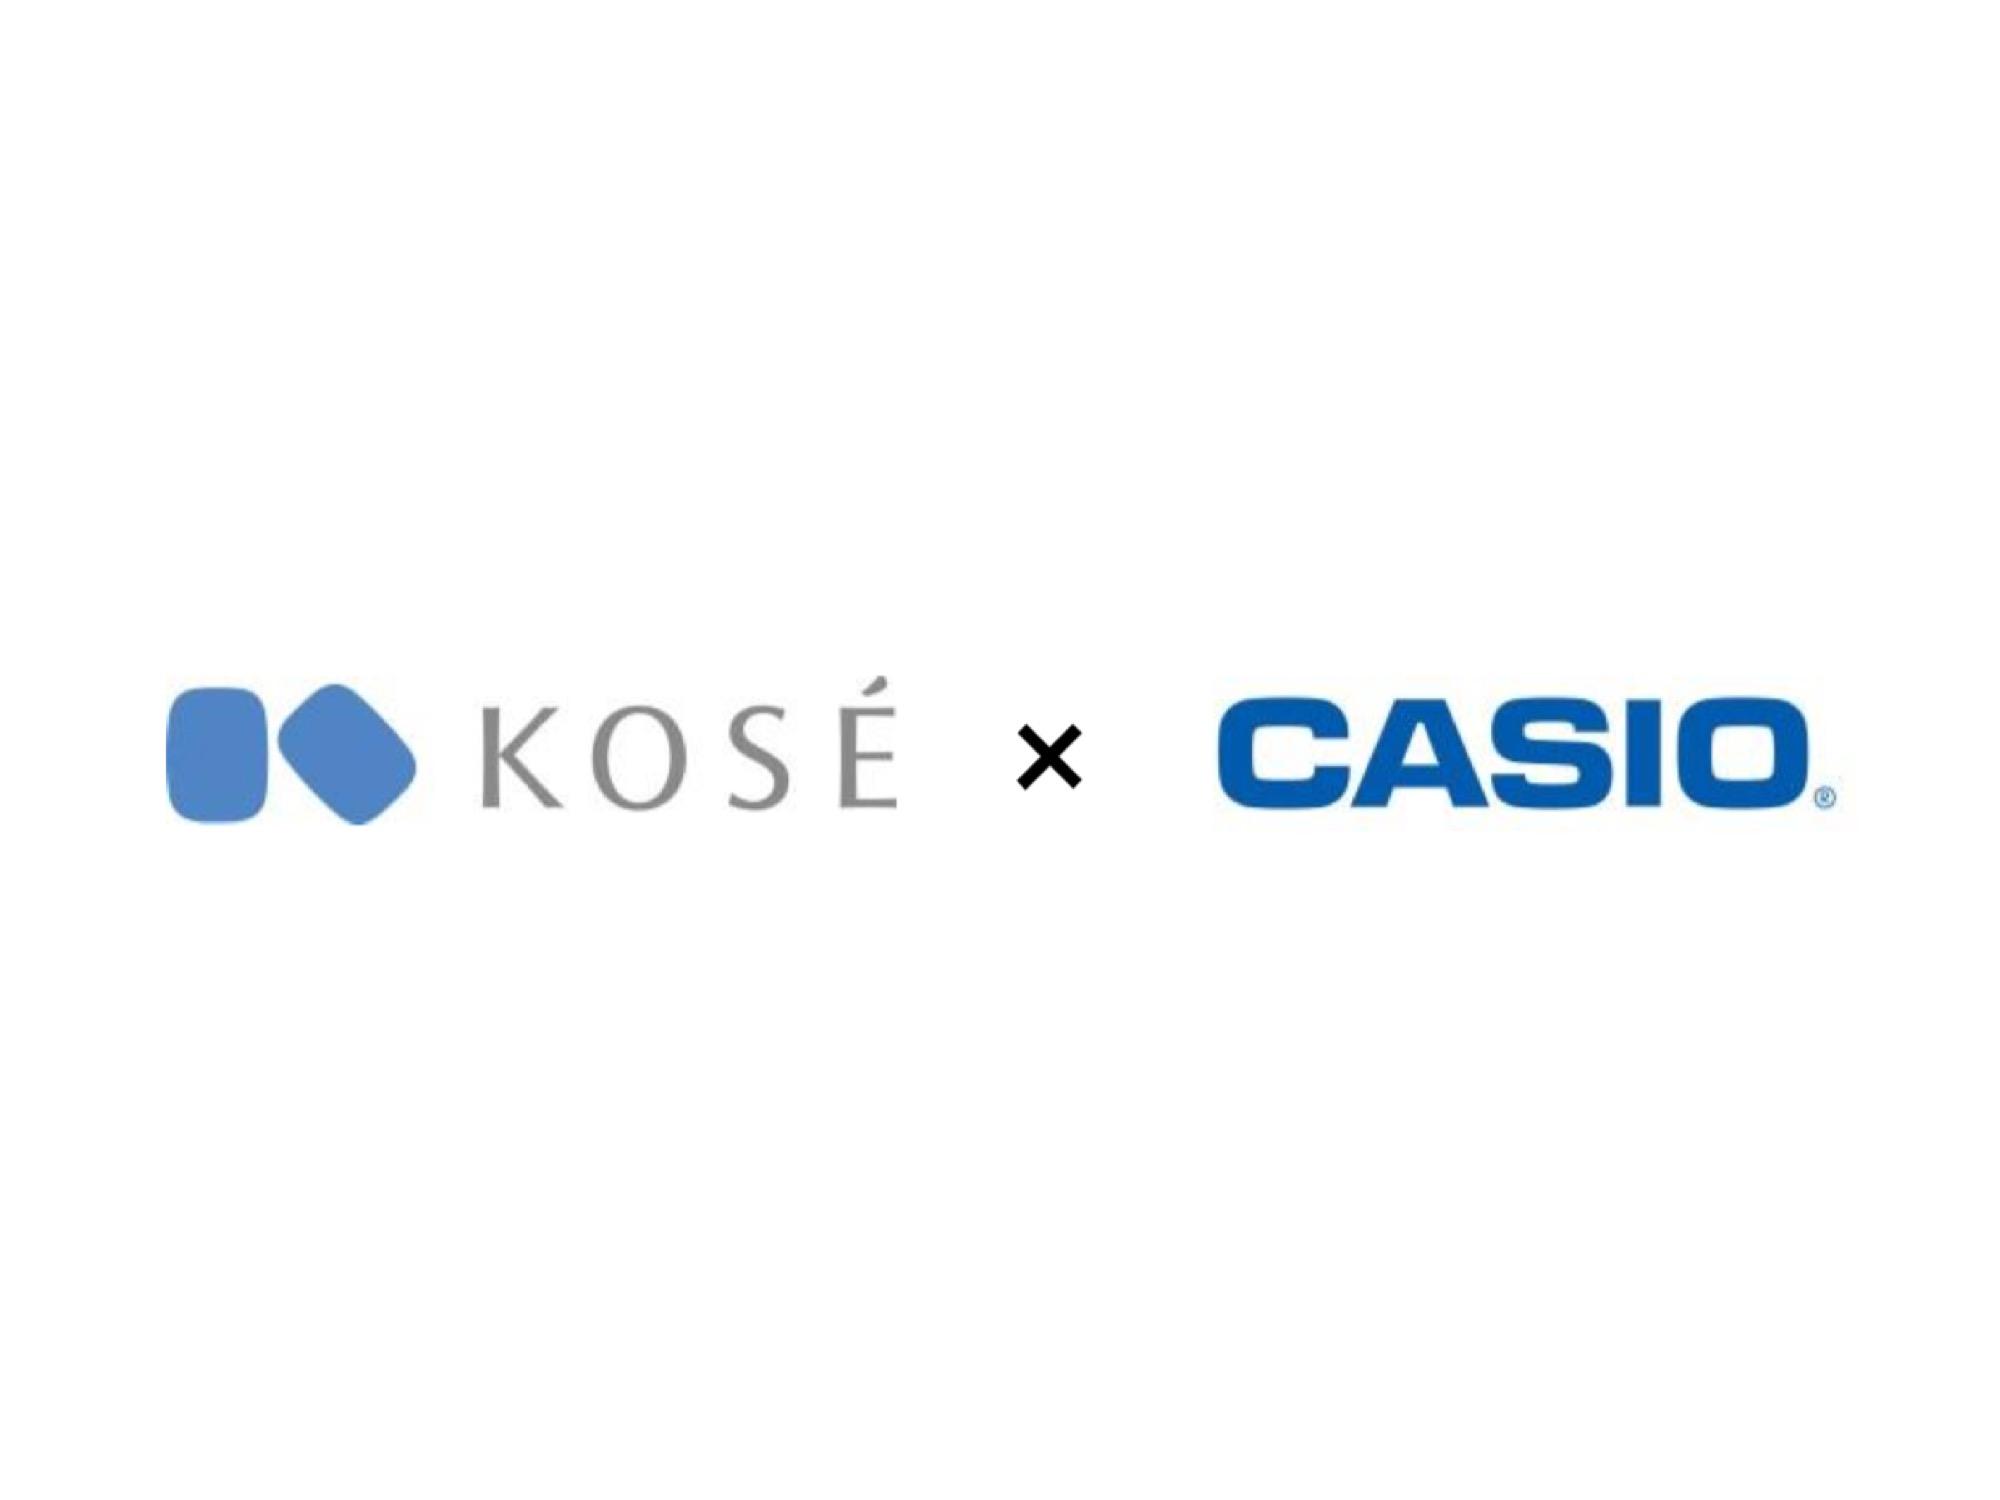 コーセー×カシオ|ネイルプリンターに関する共同開発研究をスタート、「Maison KOSÉ」で実証実験を実施